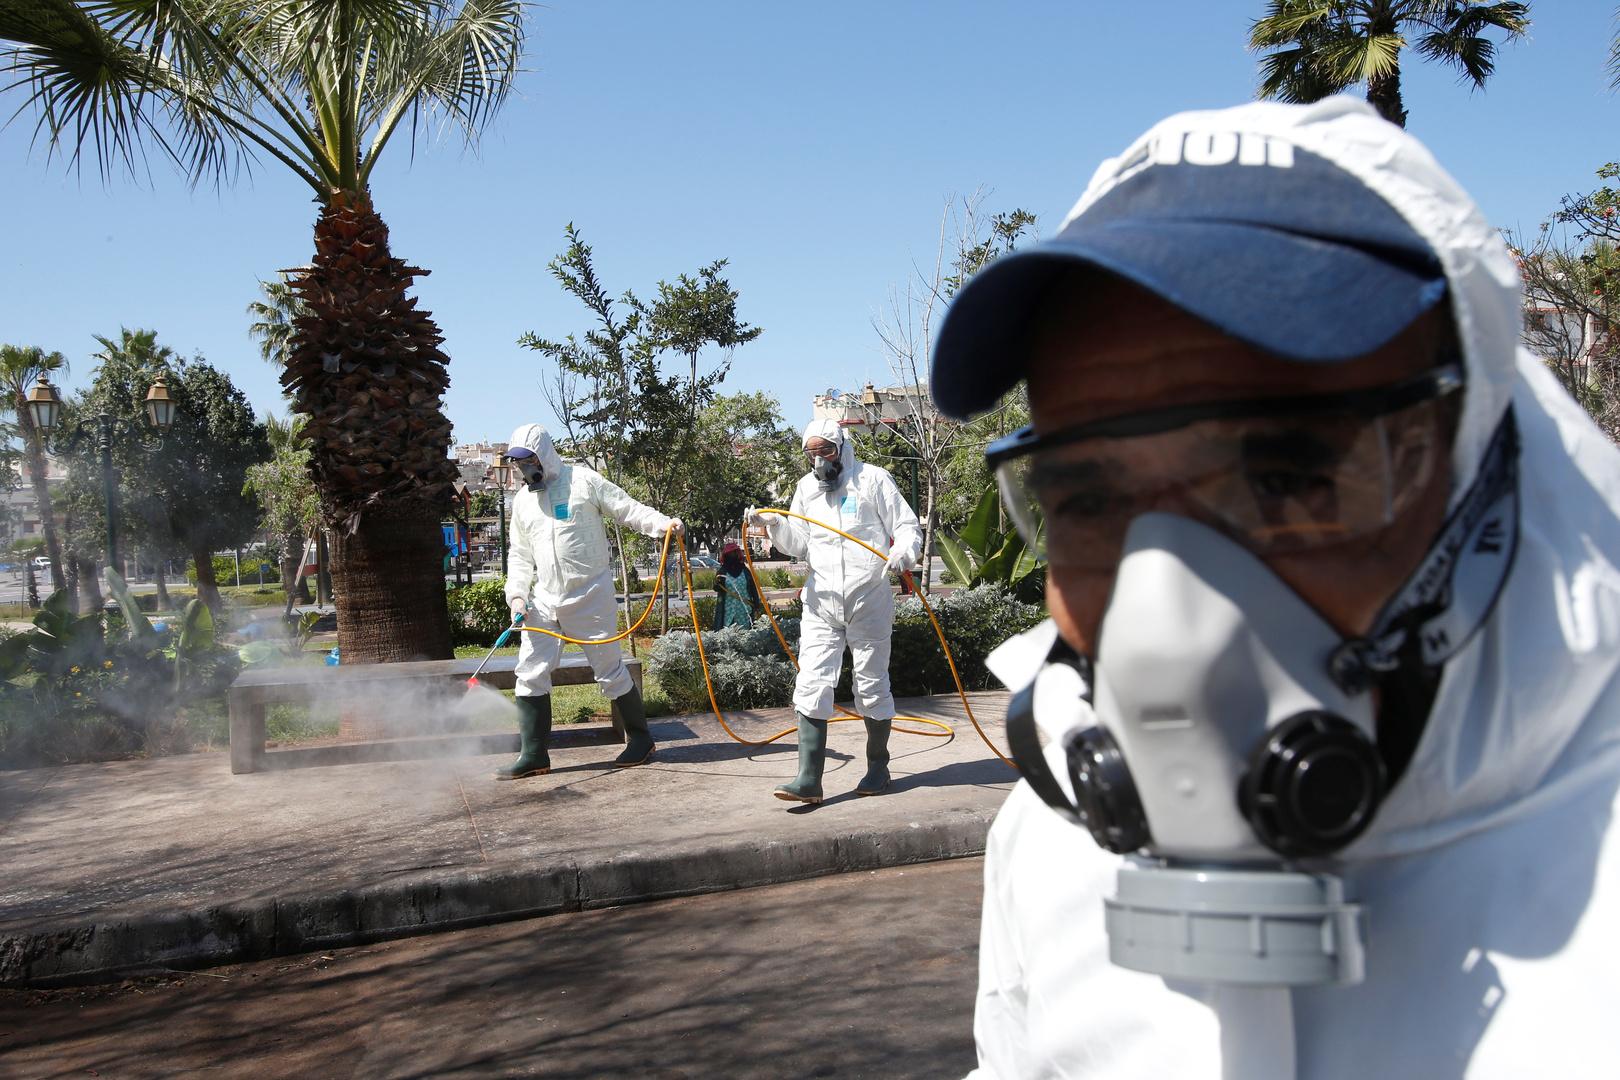 المغرب يسجل 2533 إصابة بكورونا في تراجع كبير لعدد الإصابات